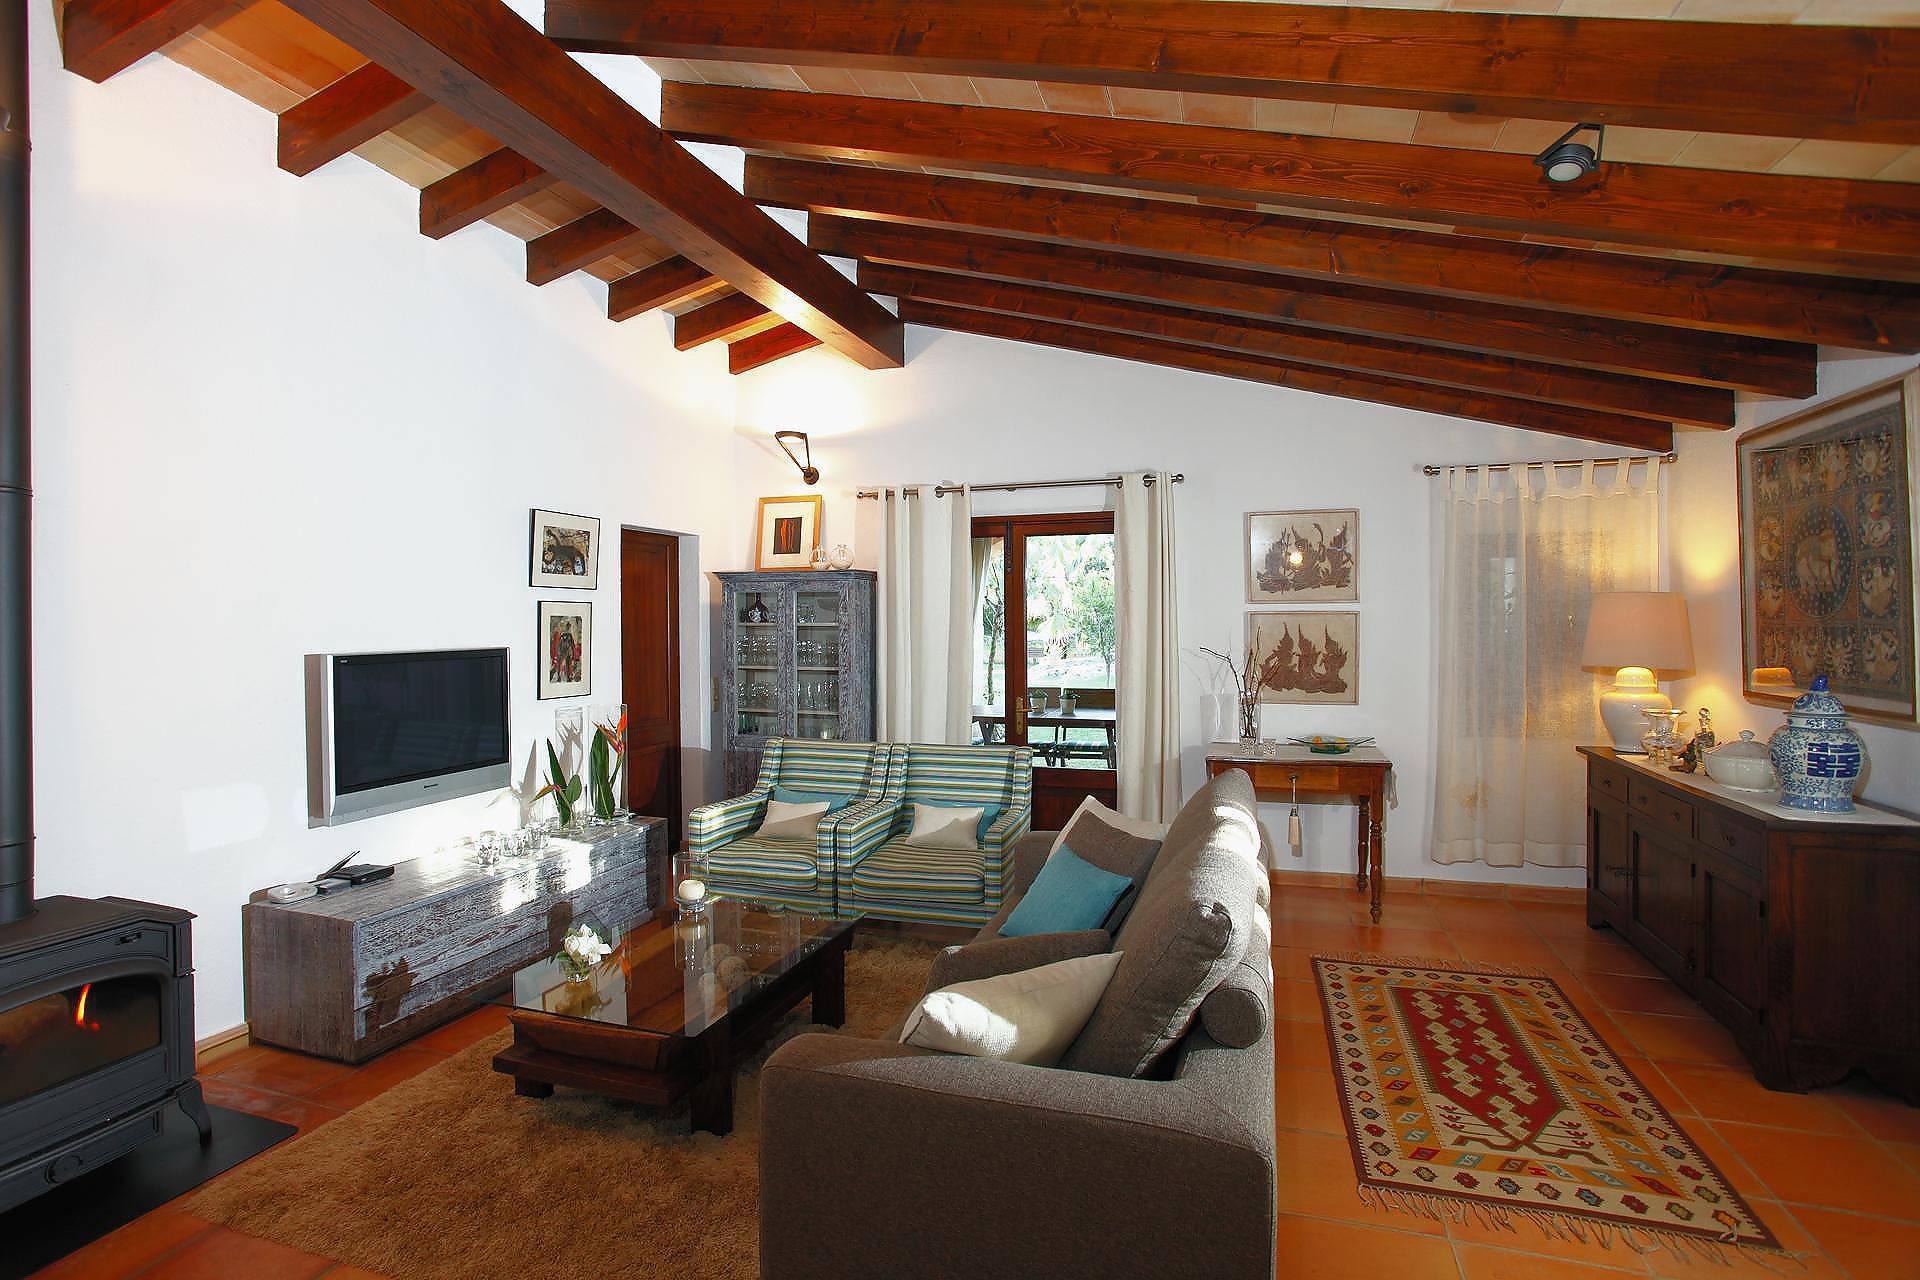 01-11 Traditionelle Finca Mallorca Norden Bild 13